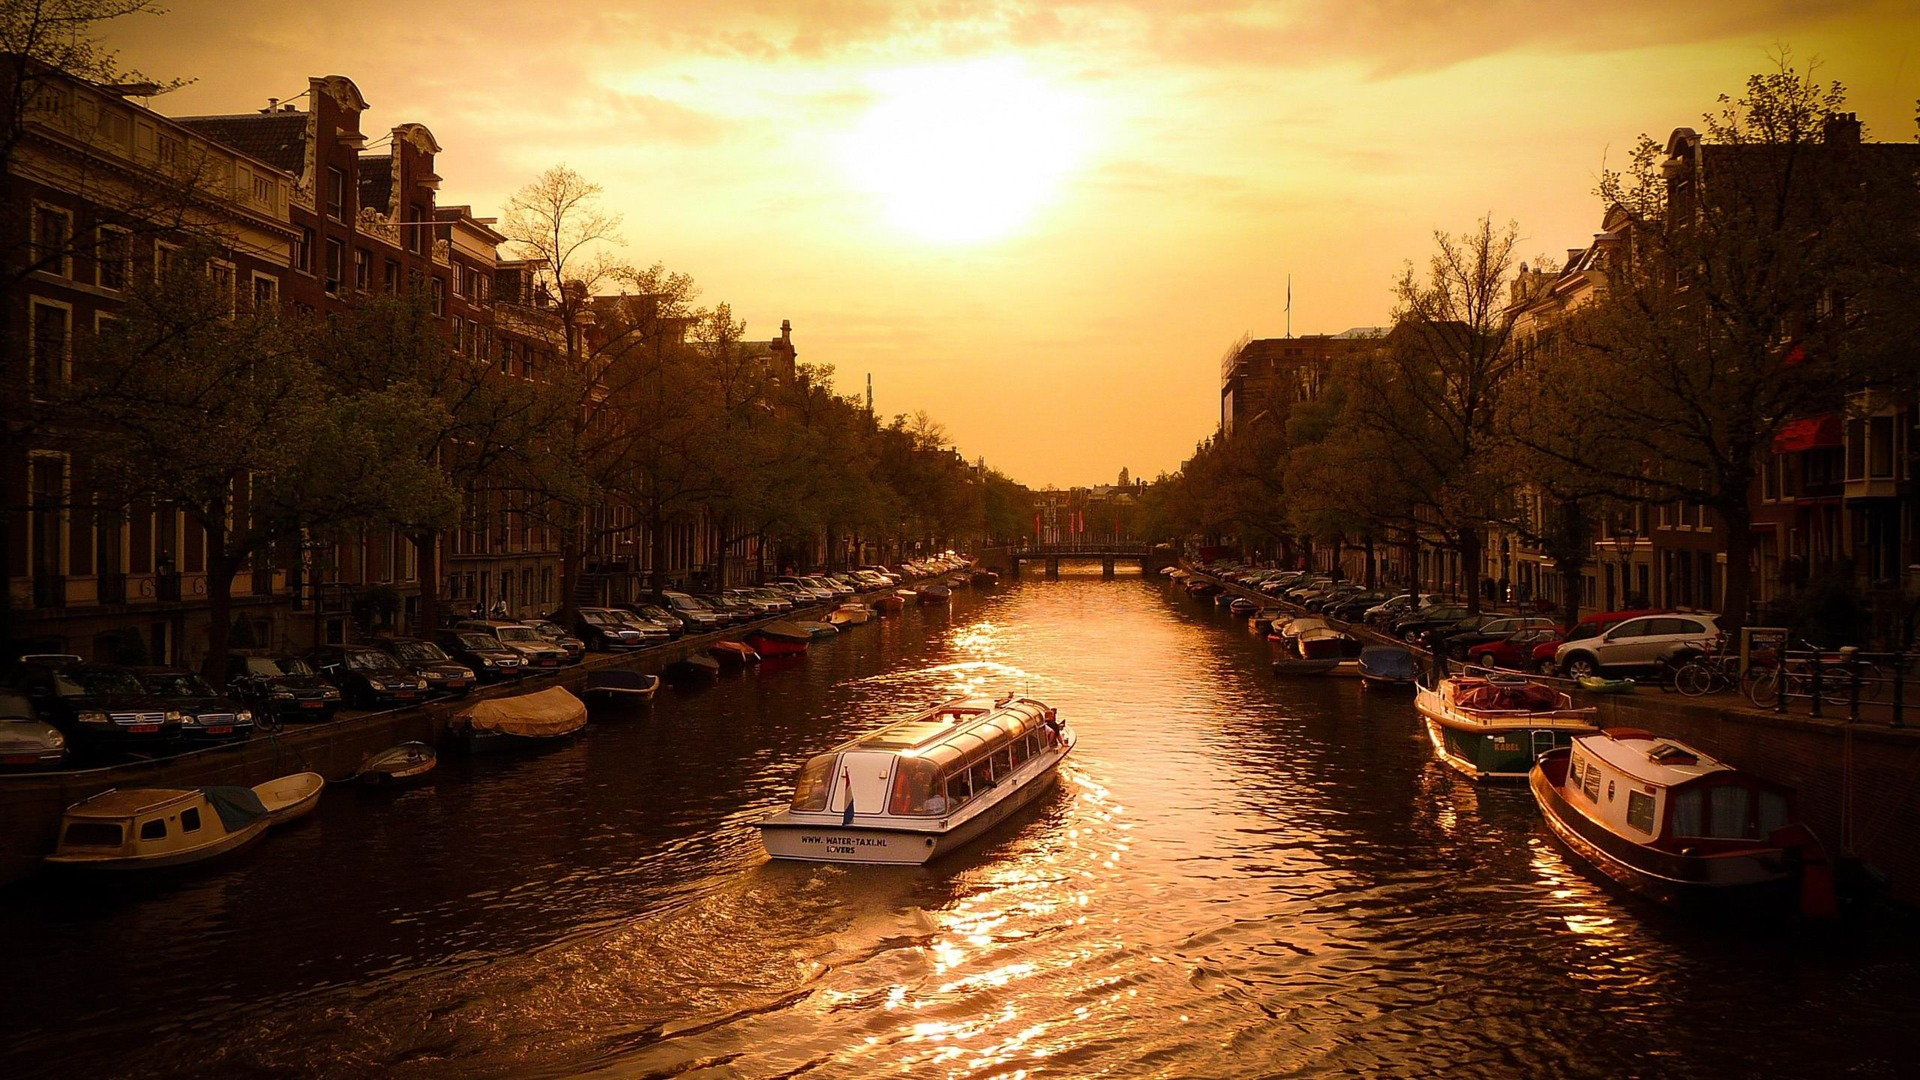 説明: 運河クルーズアムステルダム-オランダの風景 ...: 10wallpaper.com/jp/down/canal_cruise_amsterdam-netherlands...